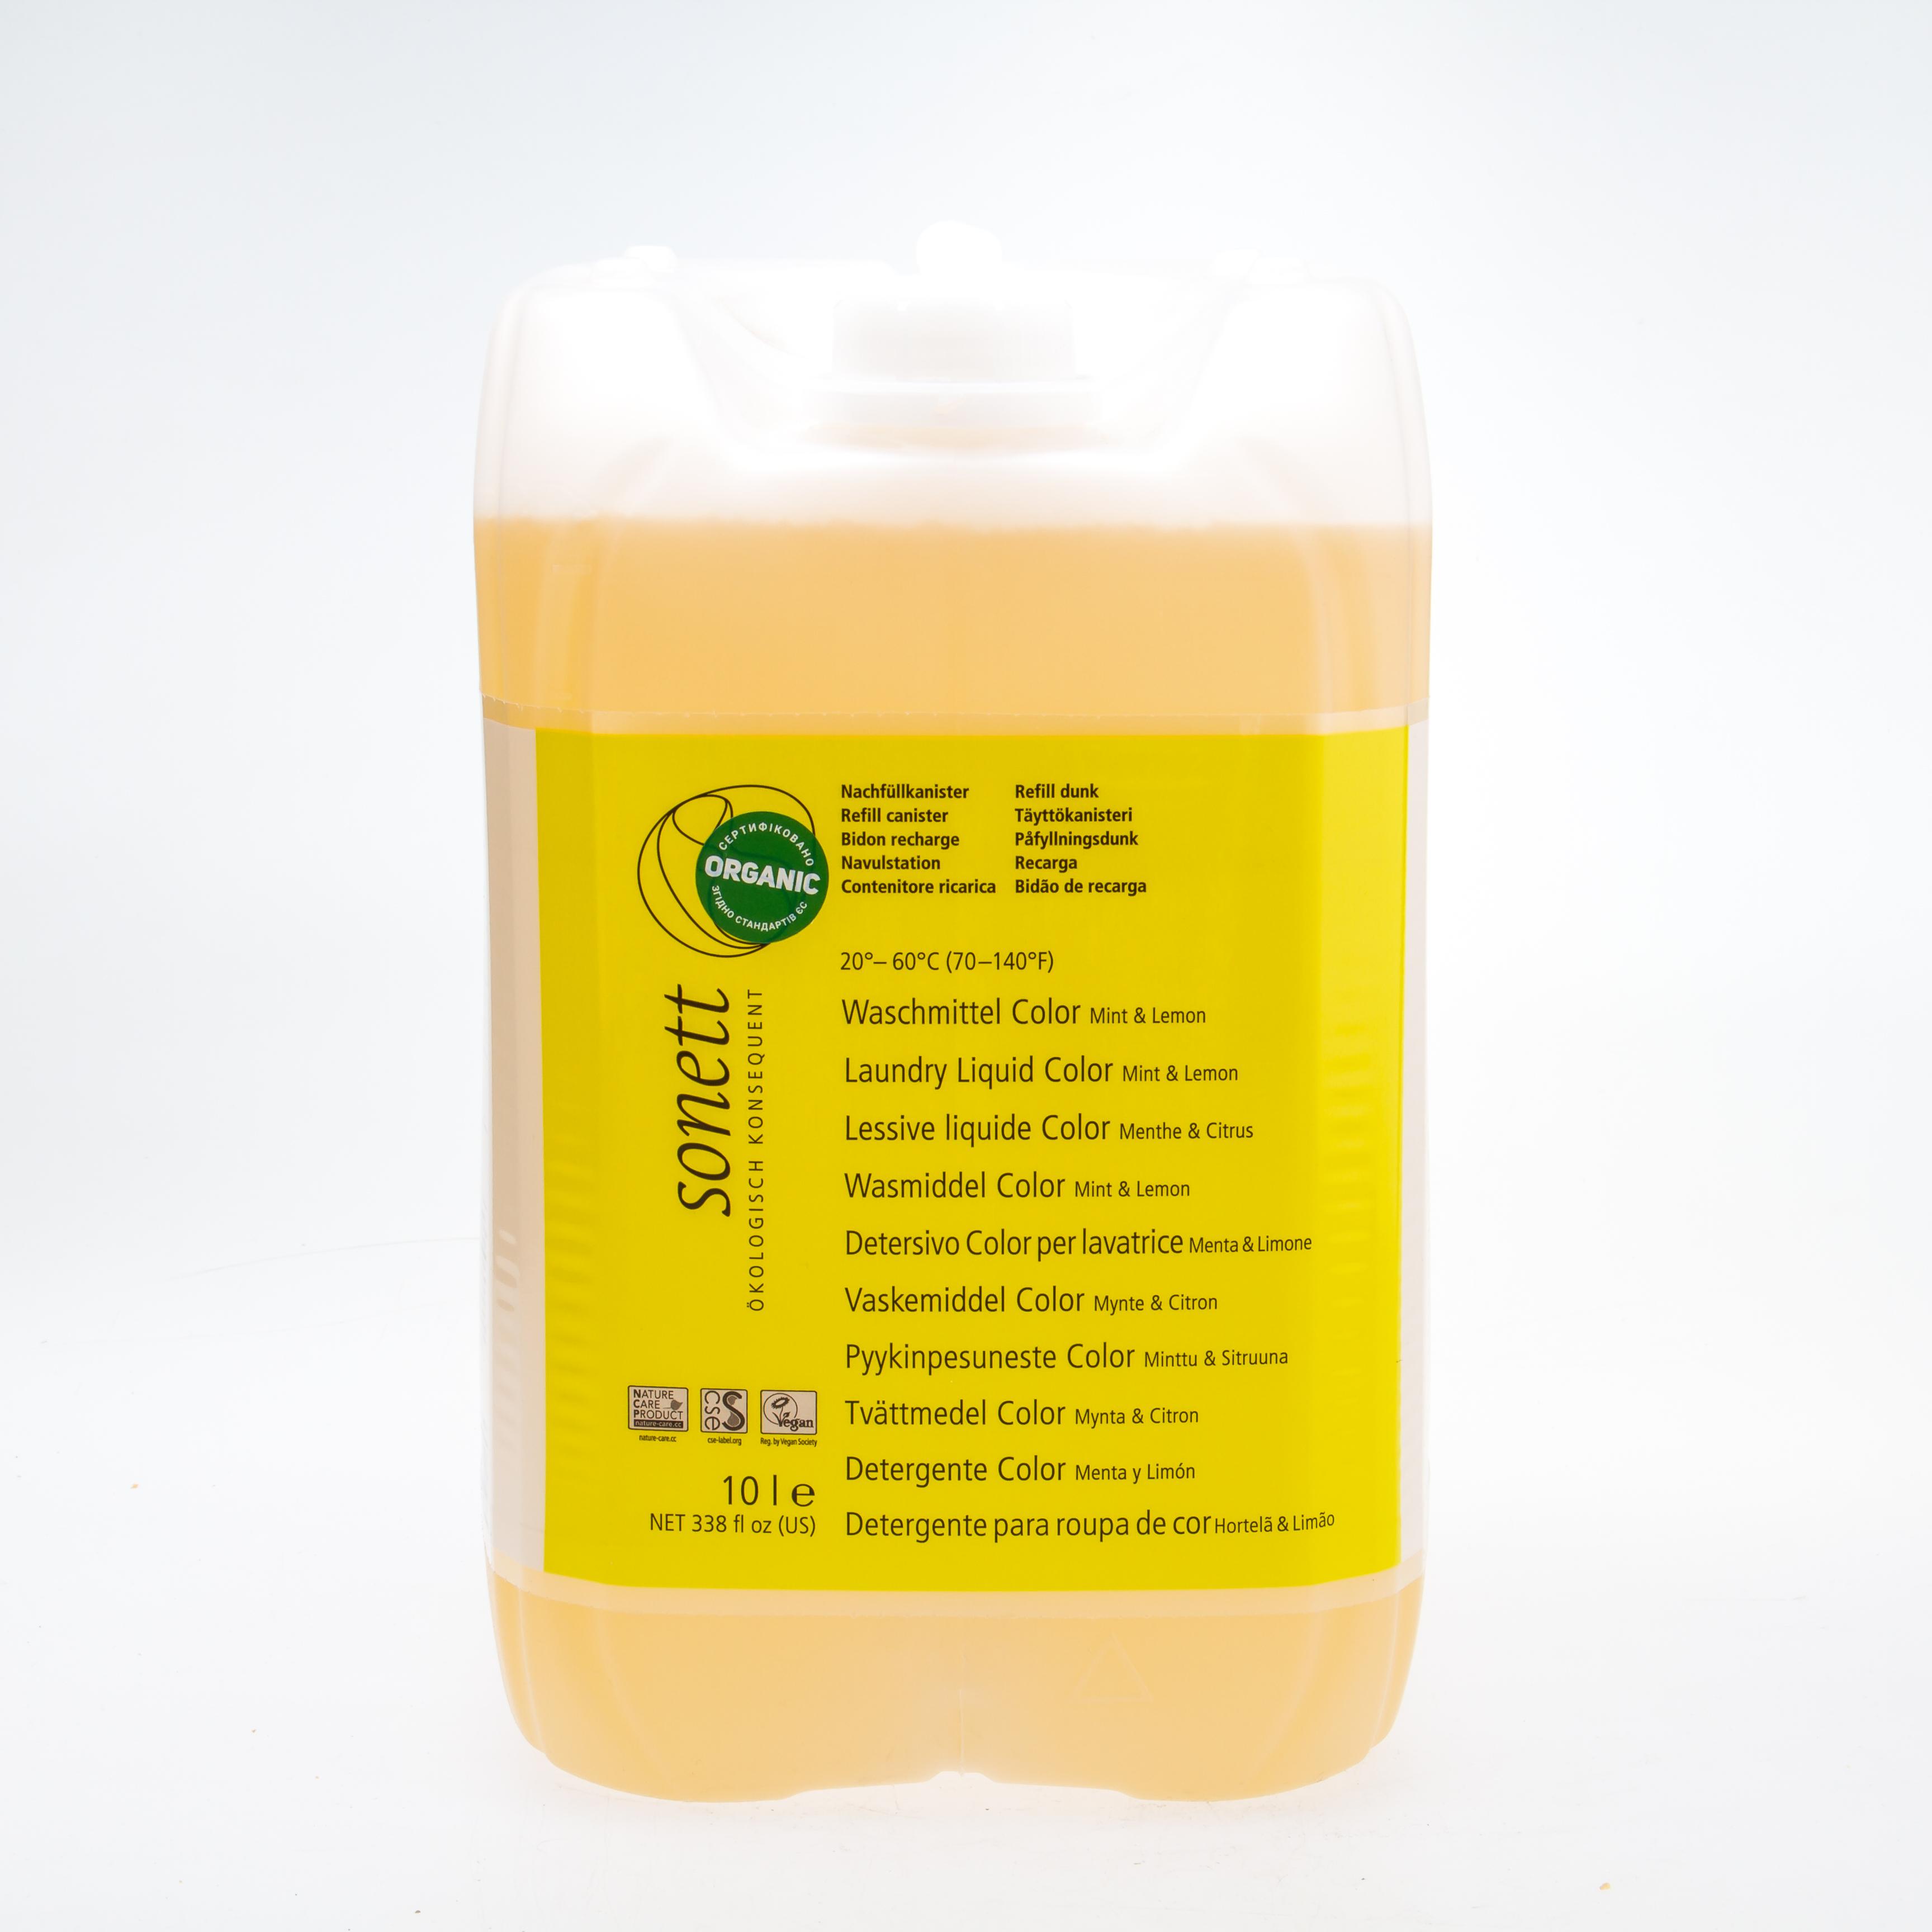 Sonett Органічний рідкий пральний засіб для кольорових тканин. 10л. Концентрат - купить в интернет-магазине Юнимед